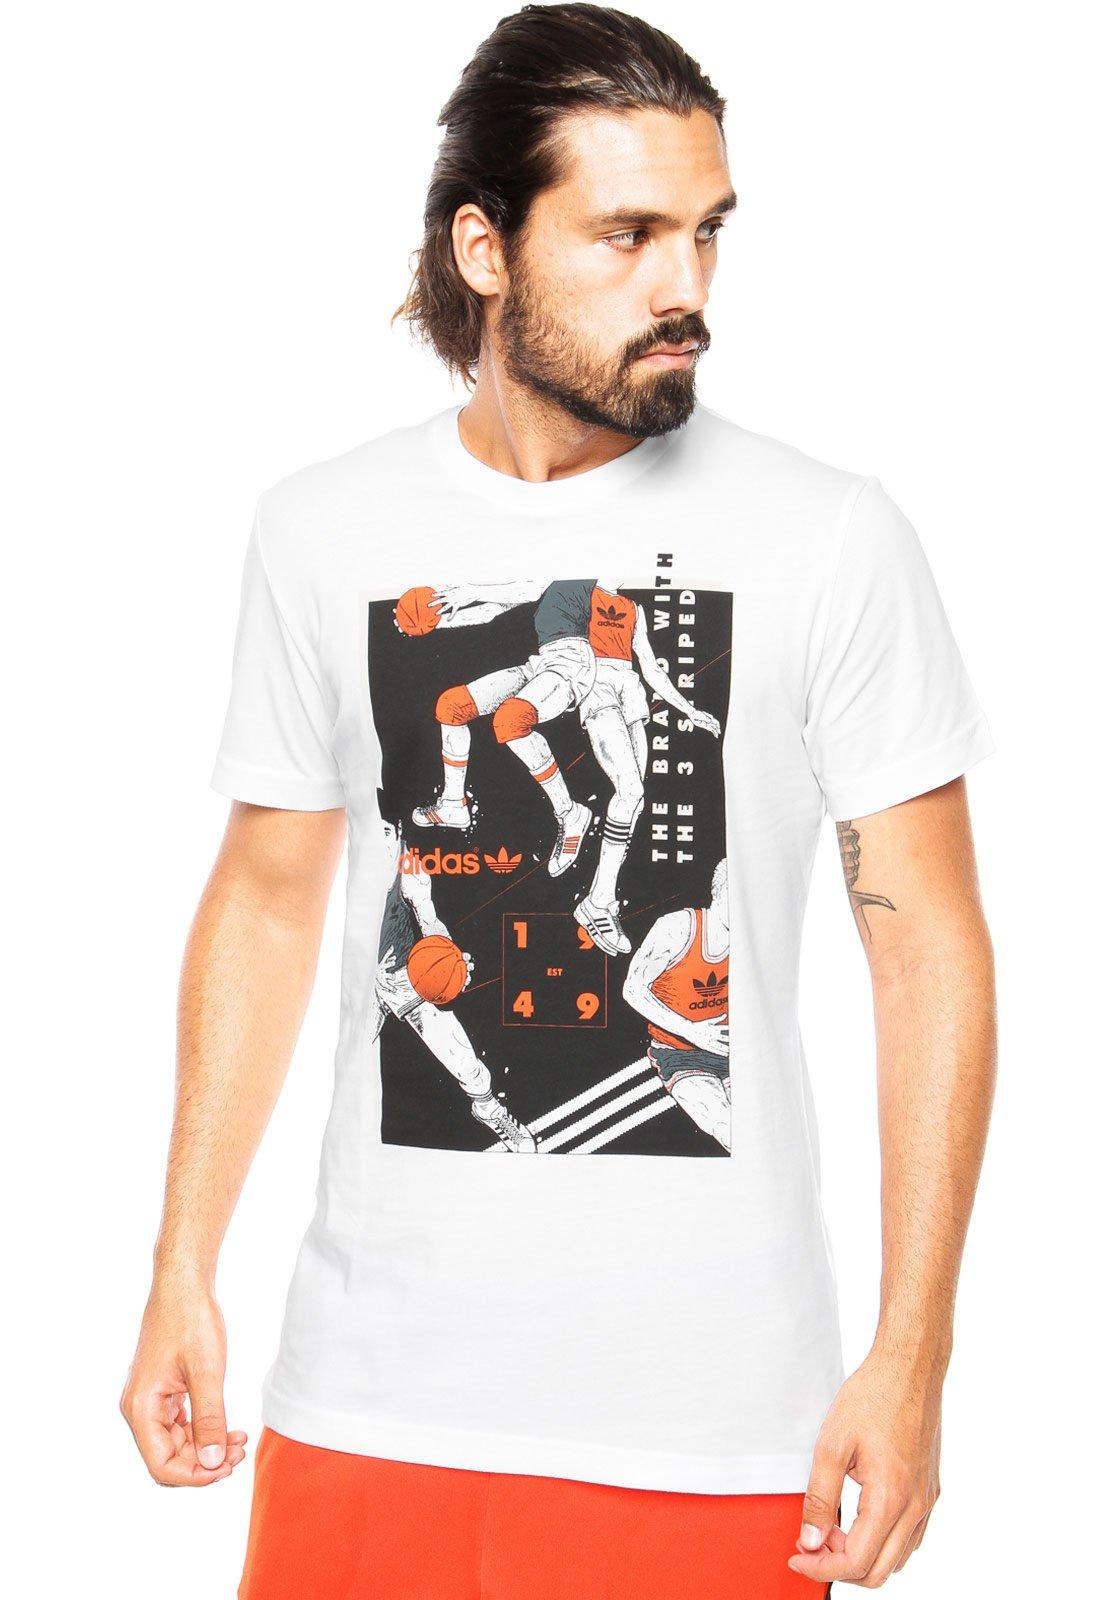 secuencia lento Corroer  Camiseta adidas Originals Tongue Basketball Branca - Compre Agora | Kanui  Brasil